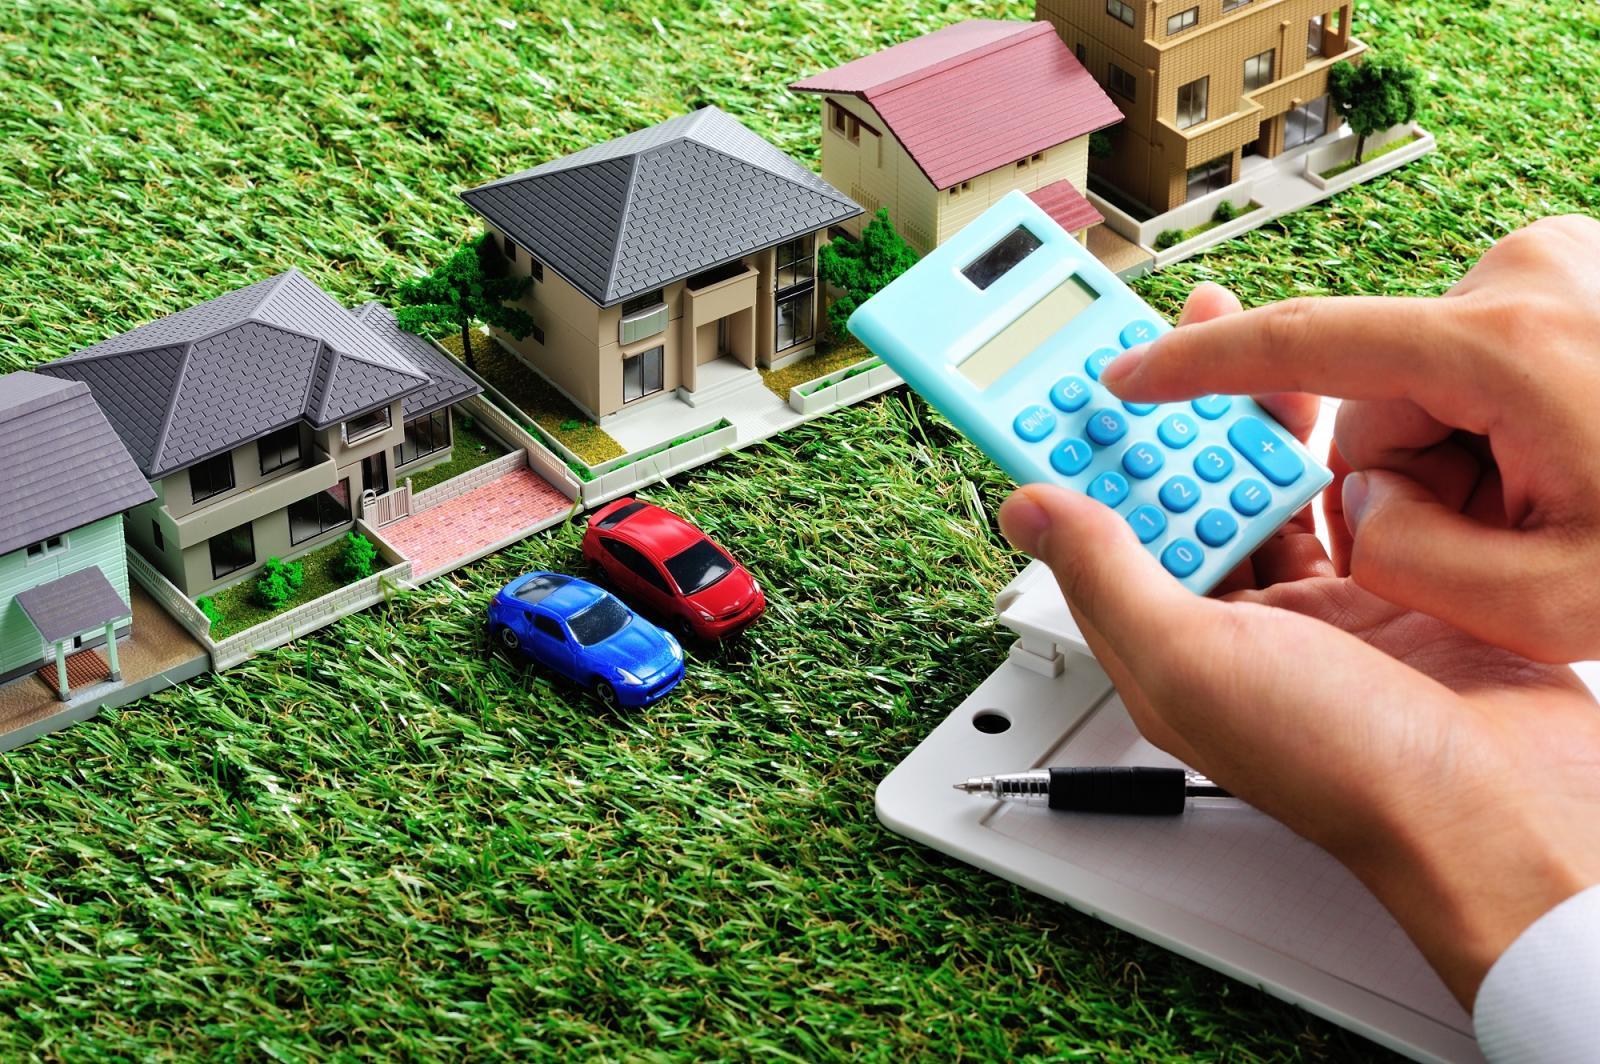 Cách xác định giá đất cần dựa trên việc xem xét tình trạng nhà đất